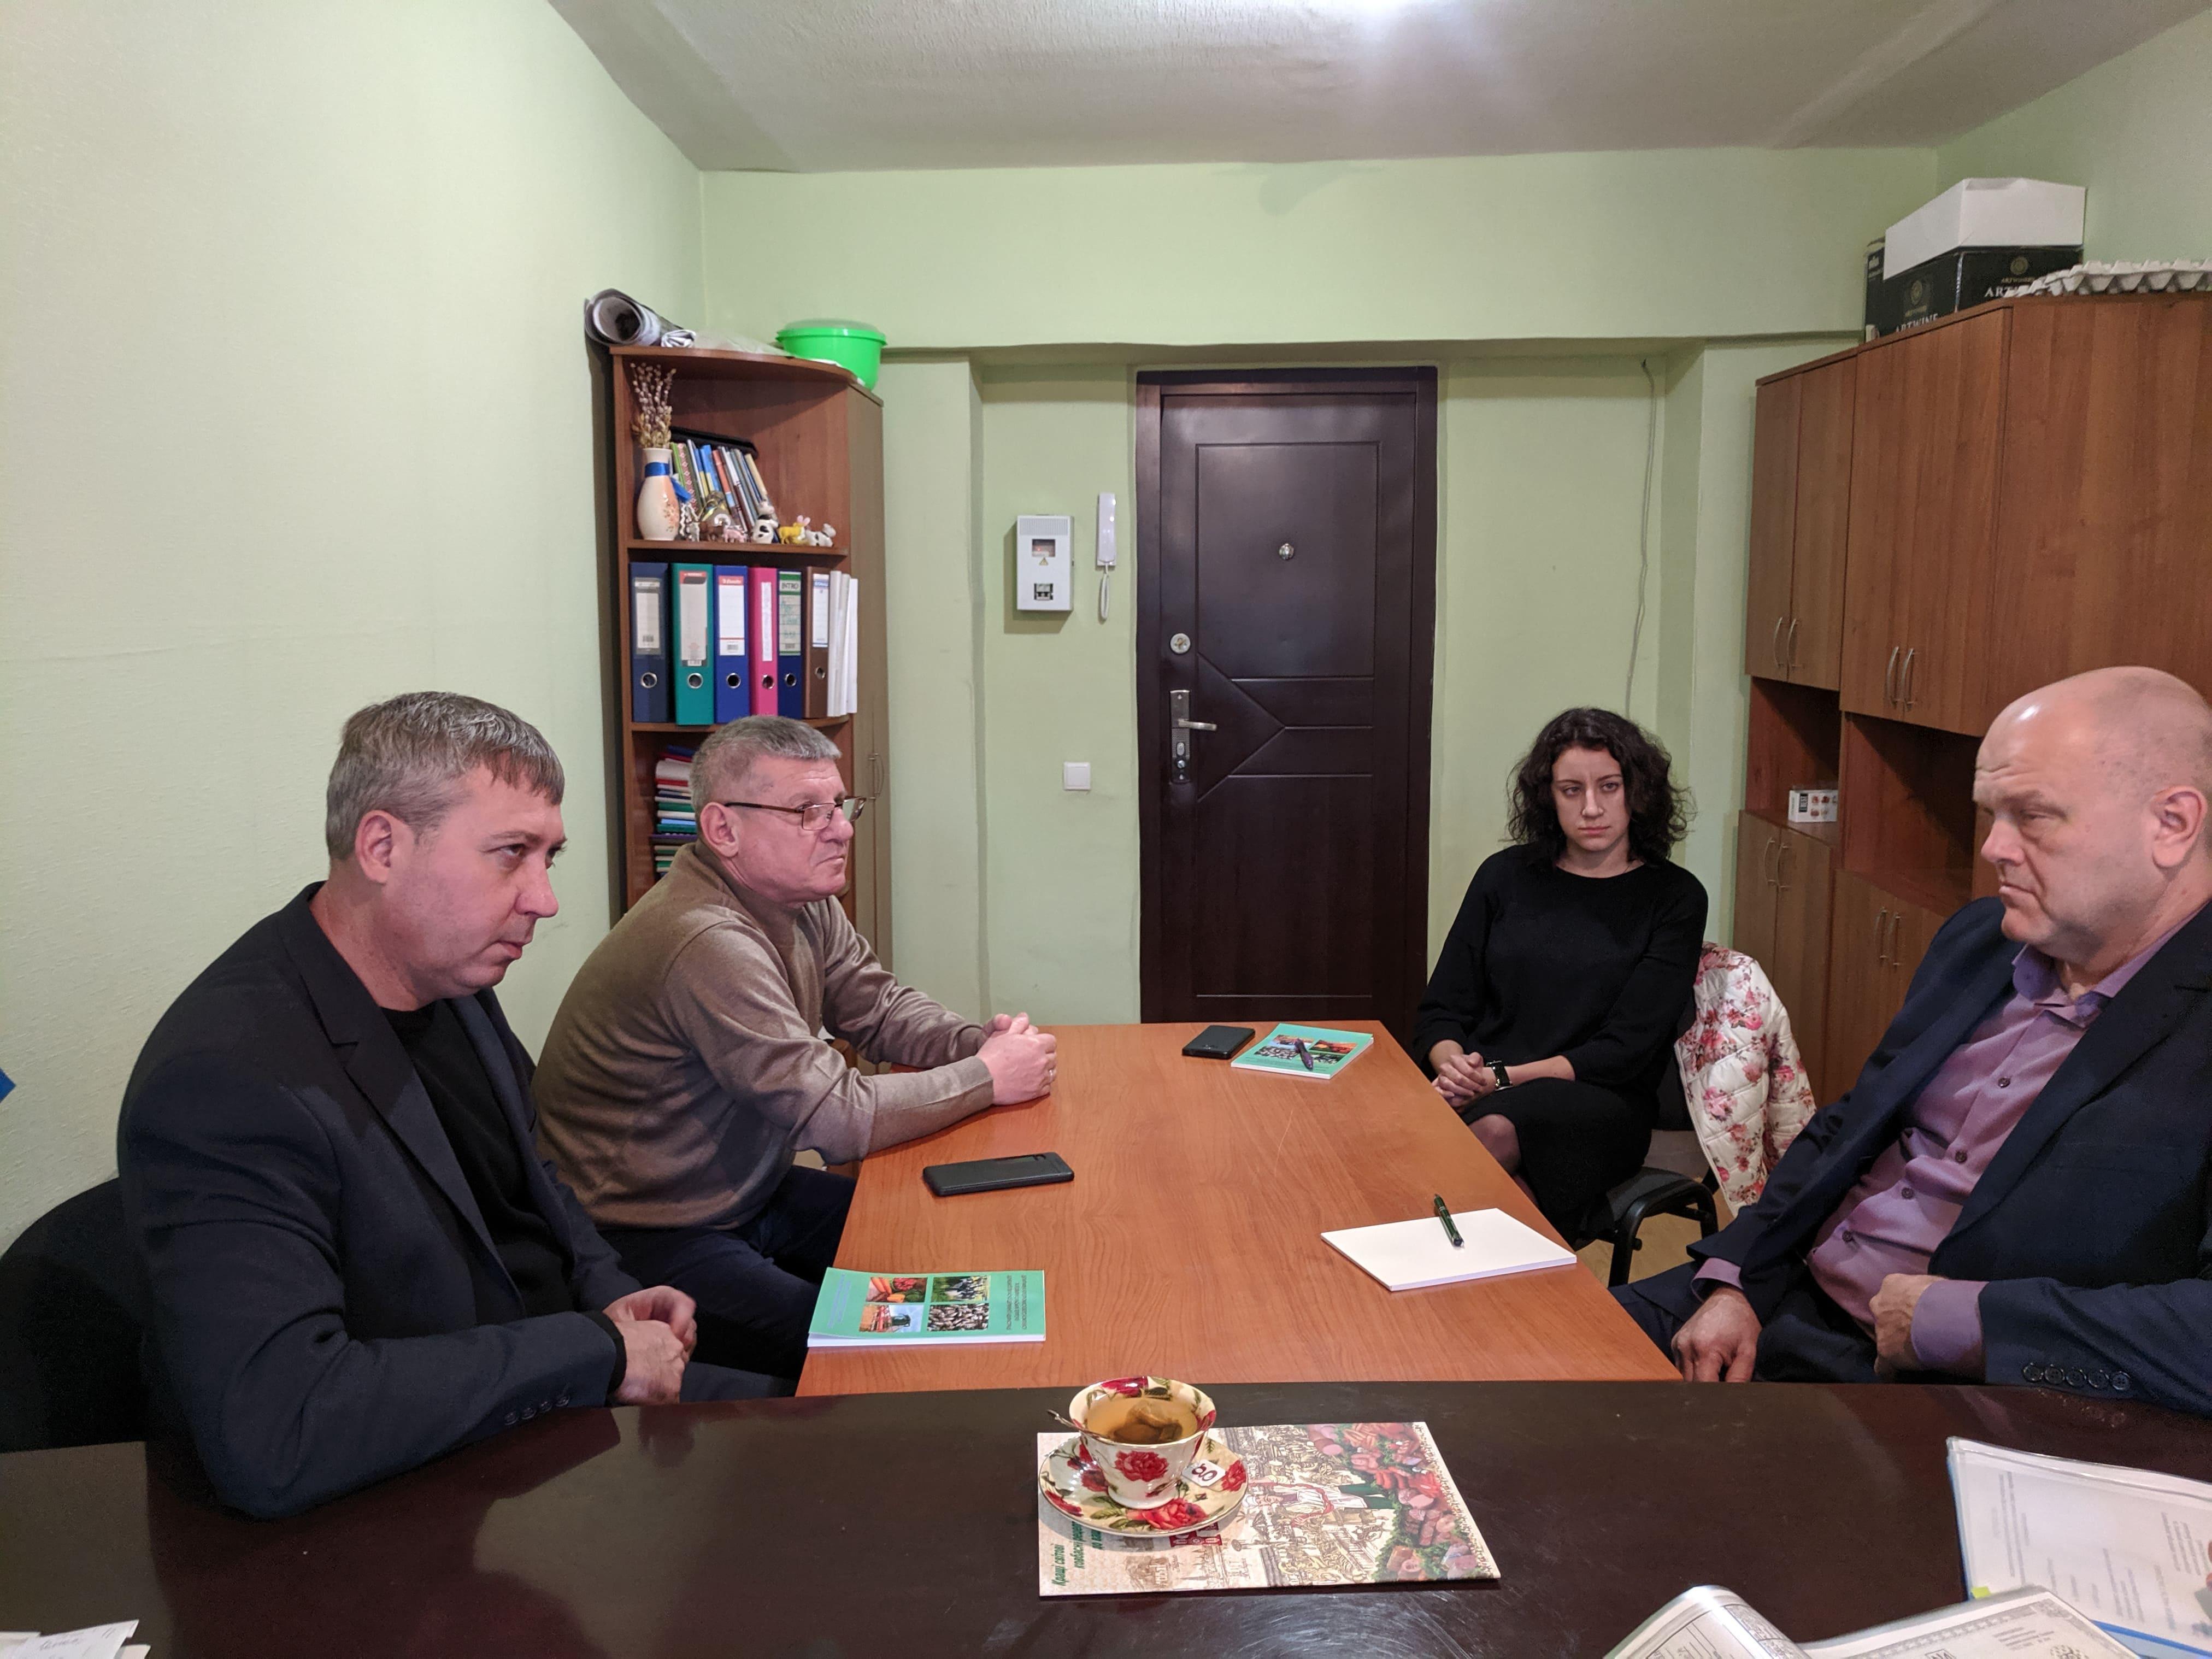 Відбулося засідання регіональної експертної комісії з розгляду матеріалів щодо присвоєння відповідних статусів суб'єктам племінної справи у тваринництві по Донецькій області.